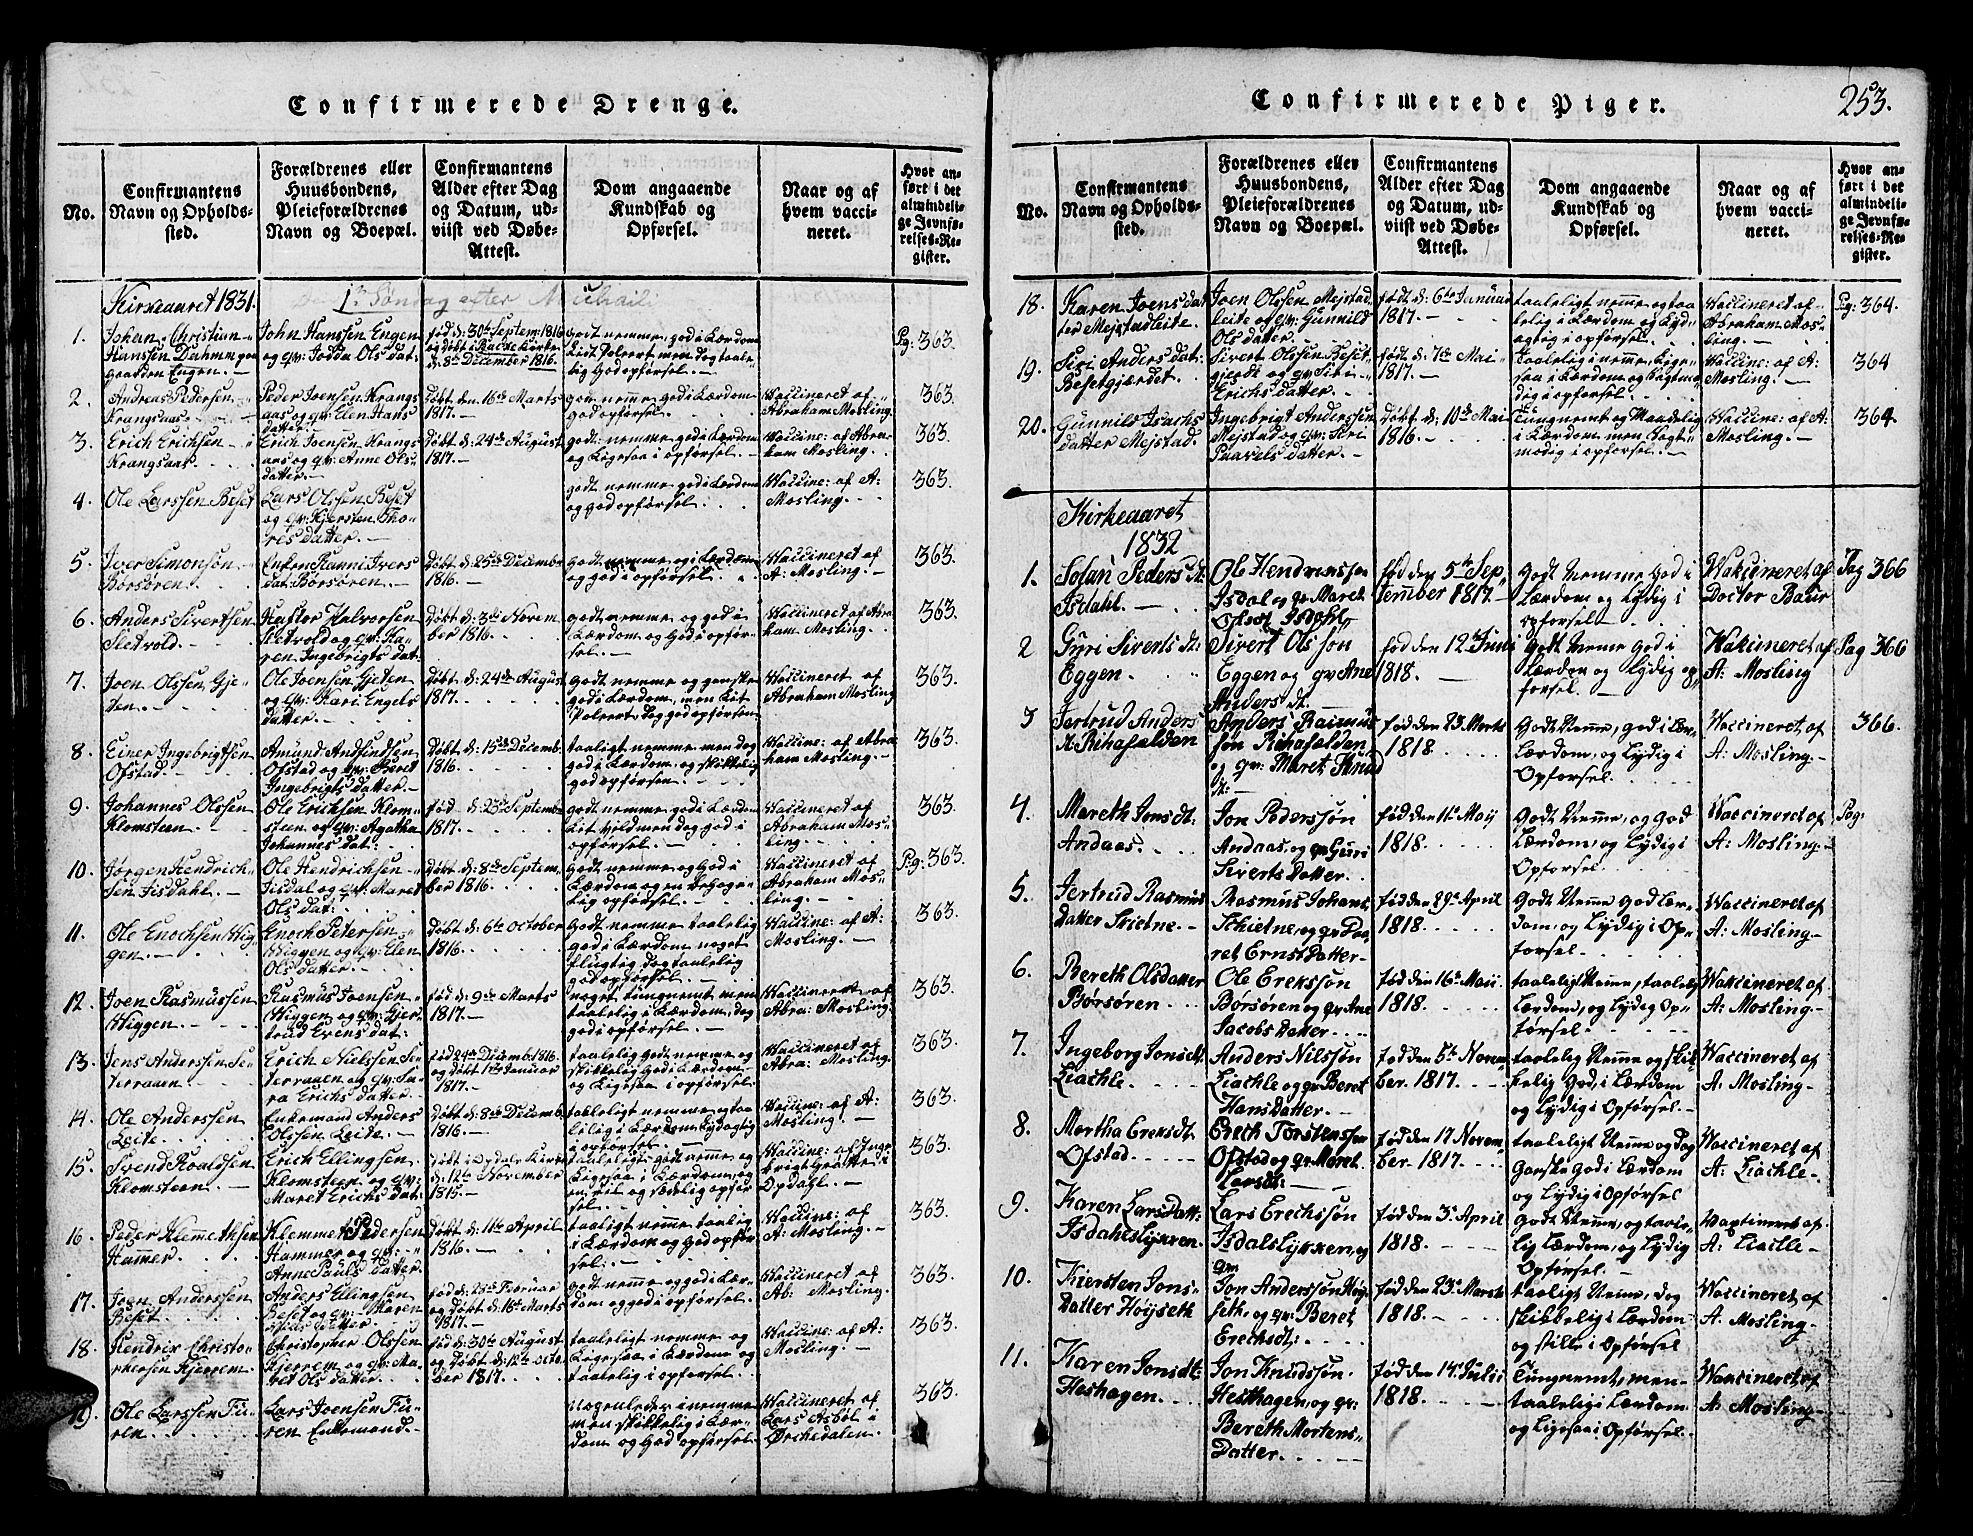 SAT, Ministerialprotokoller, klokkerbøker og fødselsregistre - Sør-Trøndelag, 665/L0776: Klokkerbok nr. 665C01, 1817-1837, s. 253